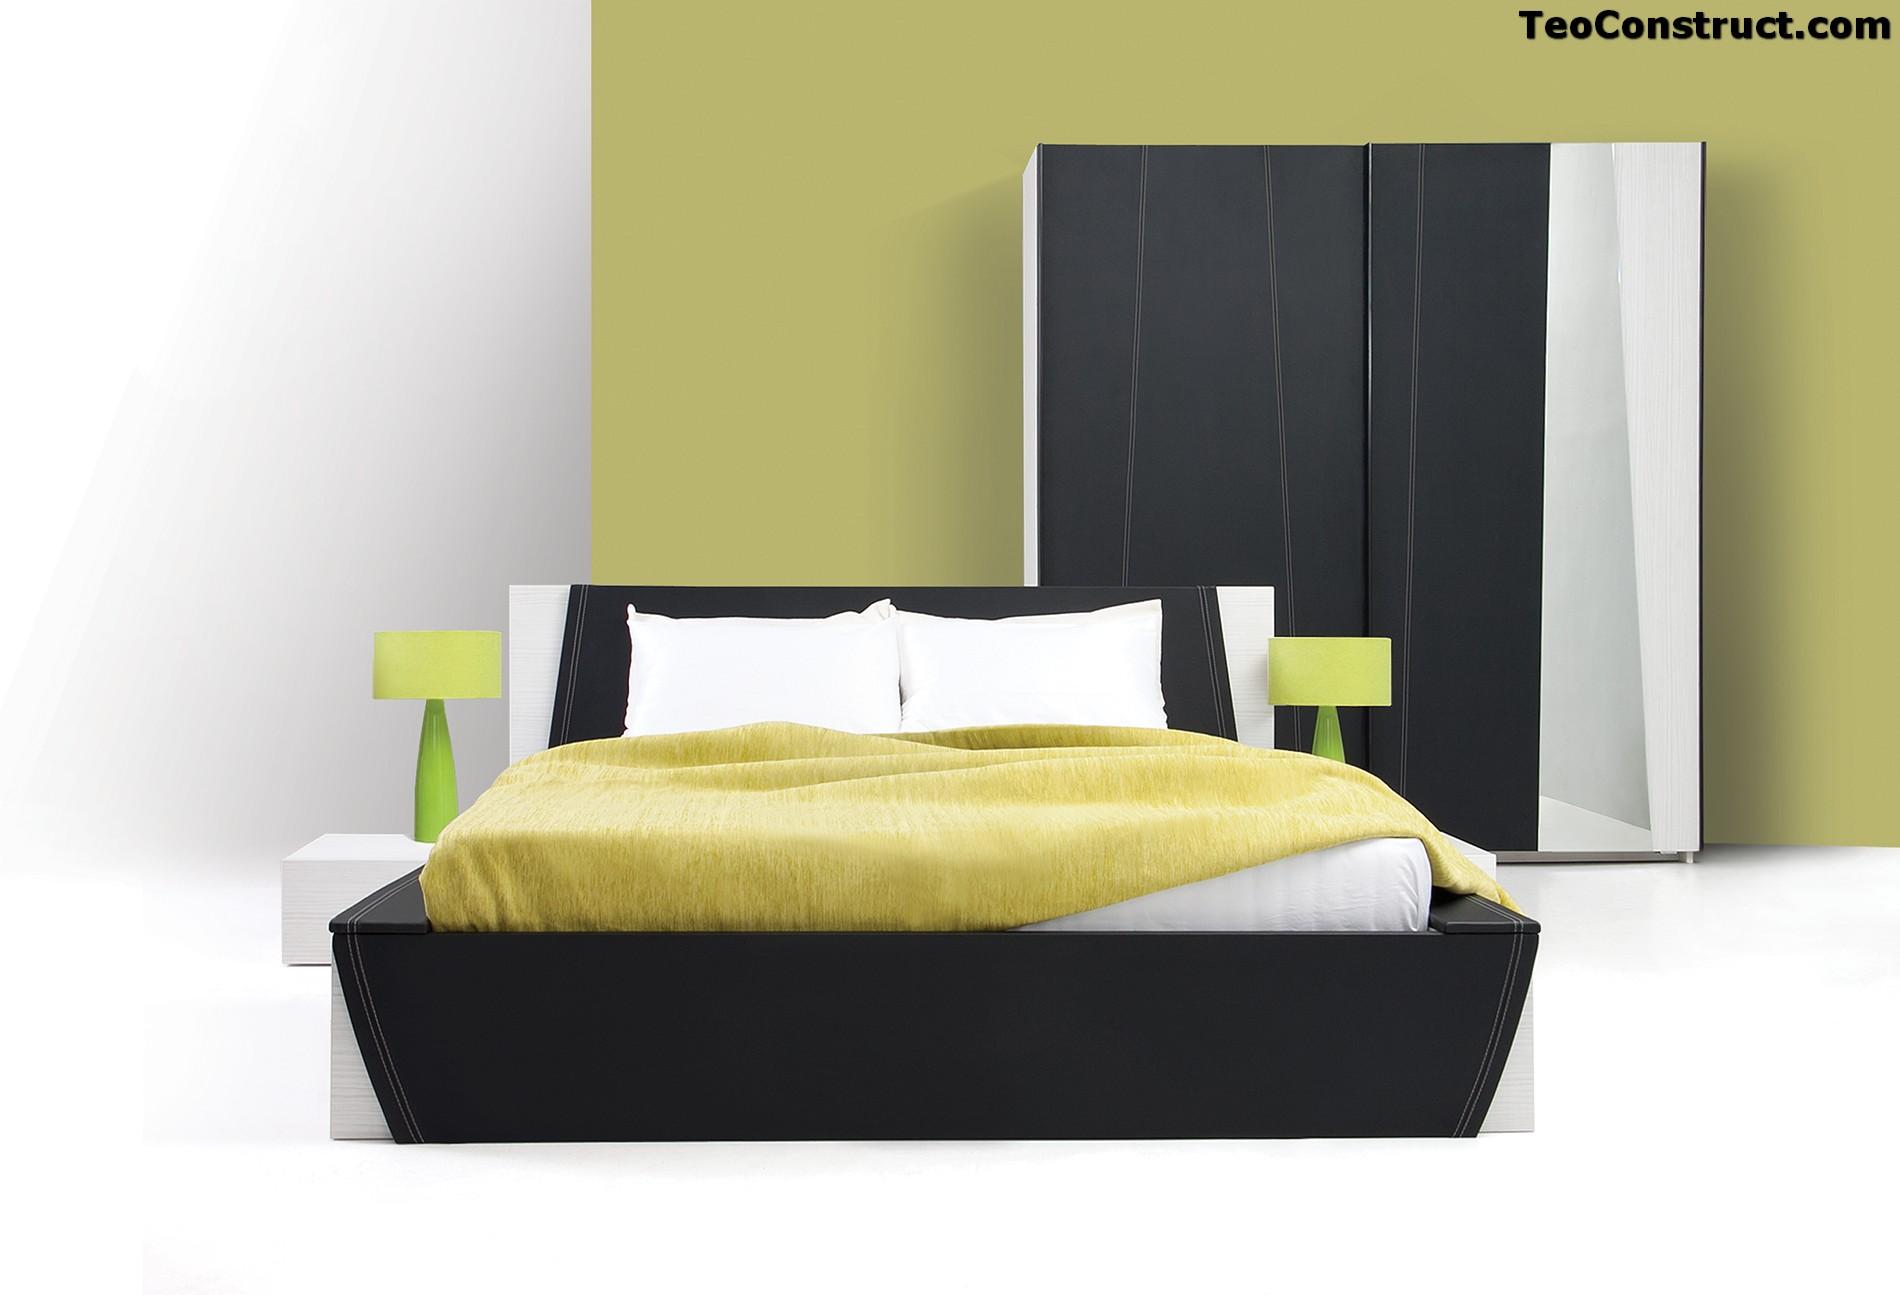 Dormitor Ecstasy de calitate01